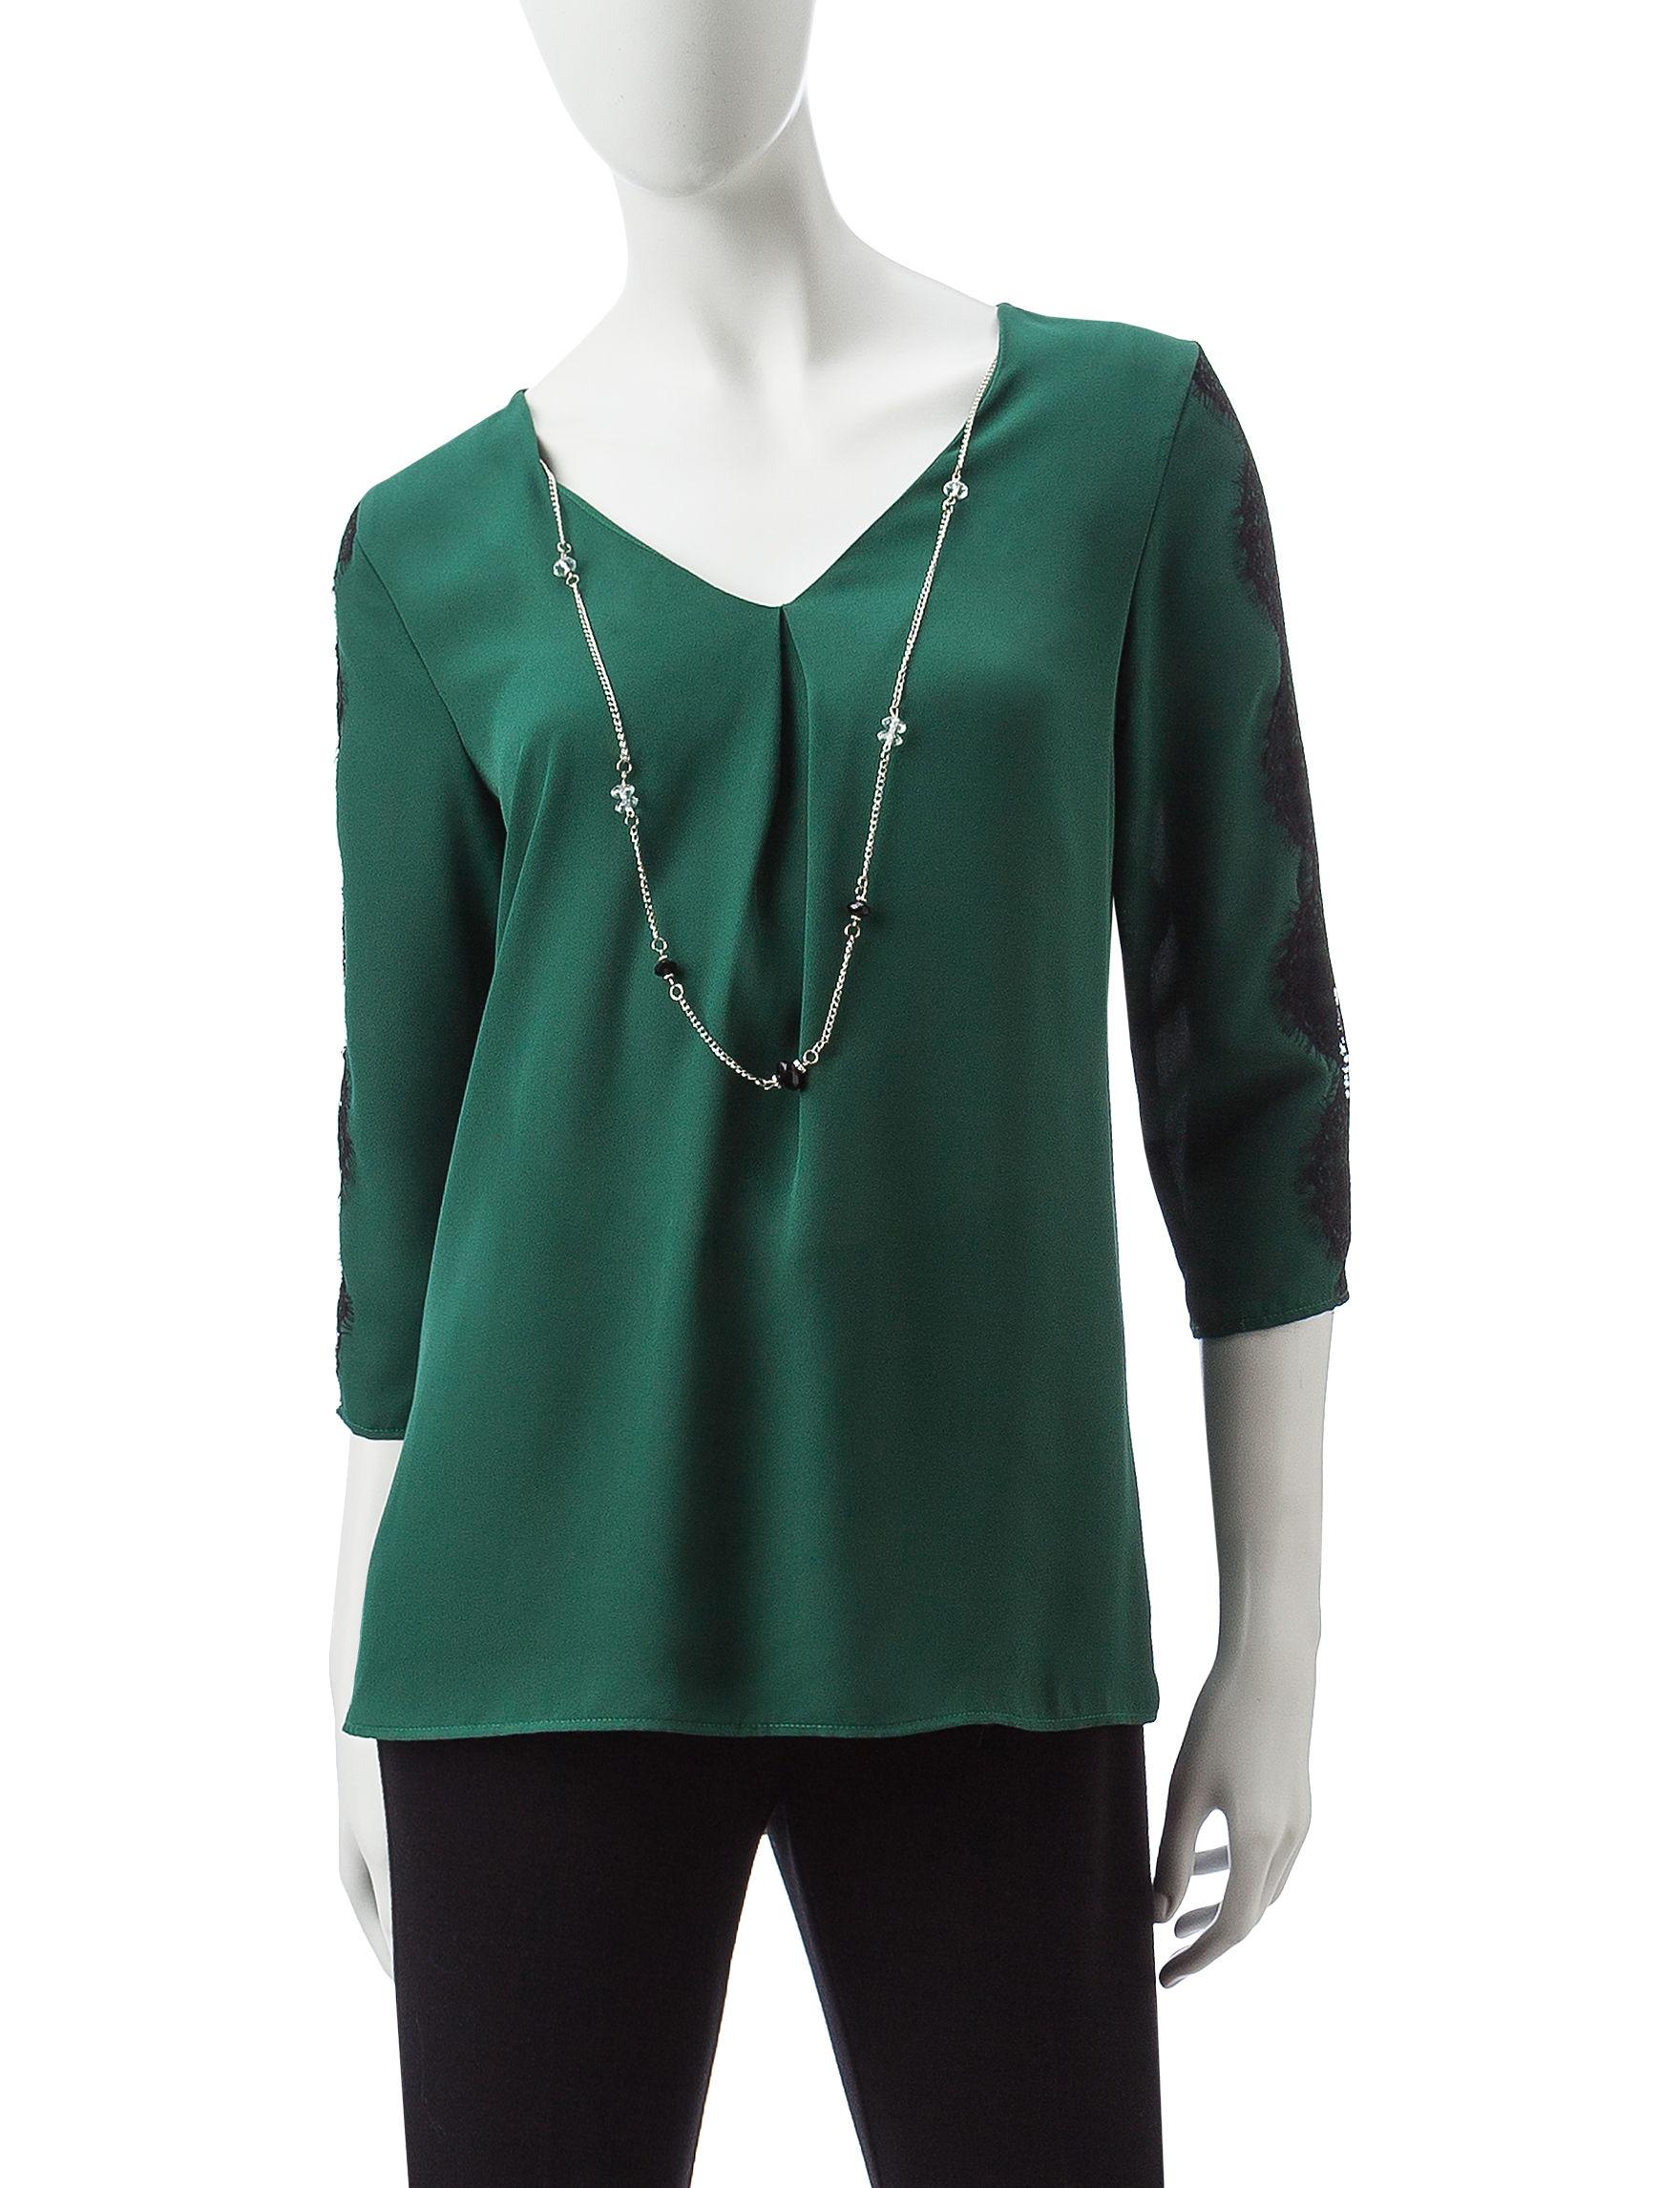 Valerie Stevens Green Pull-overs Shirts & Blouses